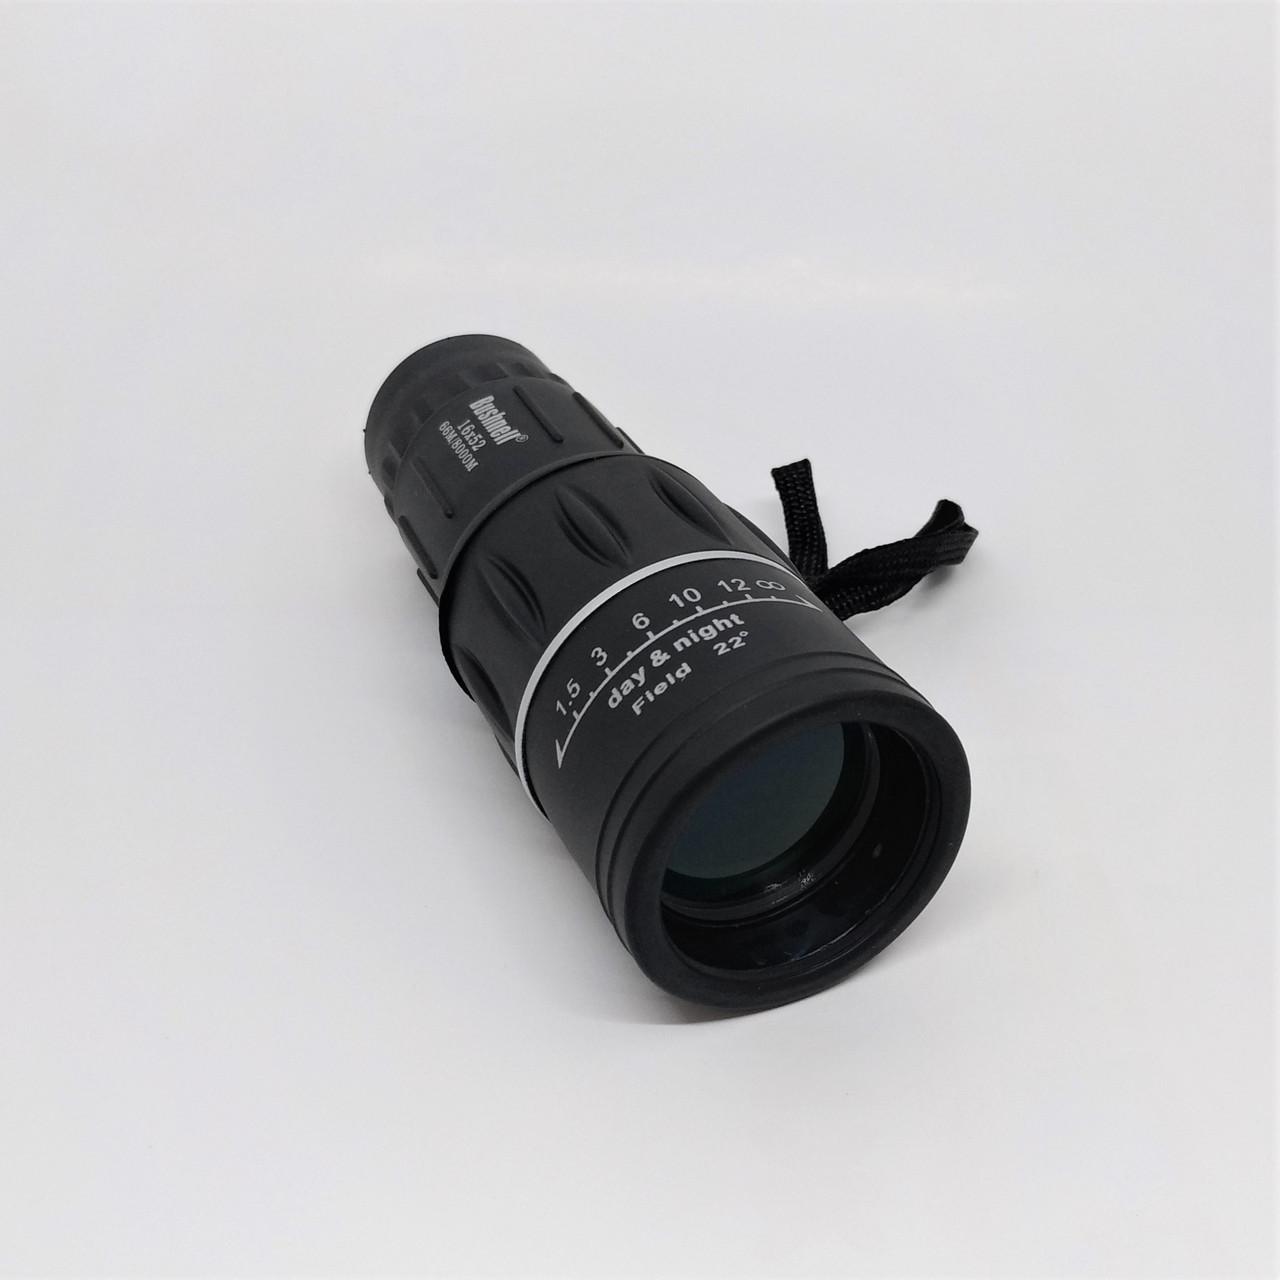 Монокуляр Bushnell 16*52 (66m/8000m)